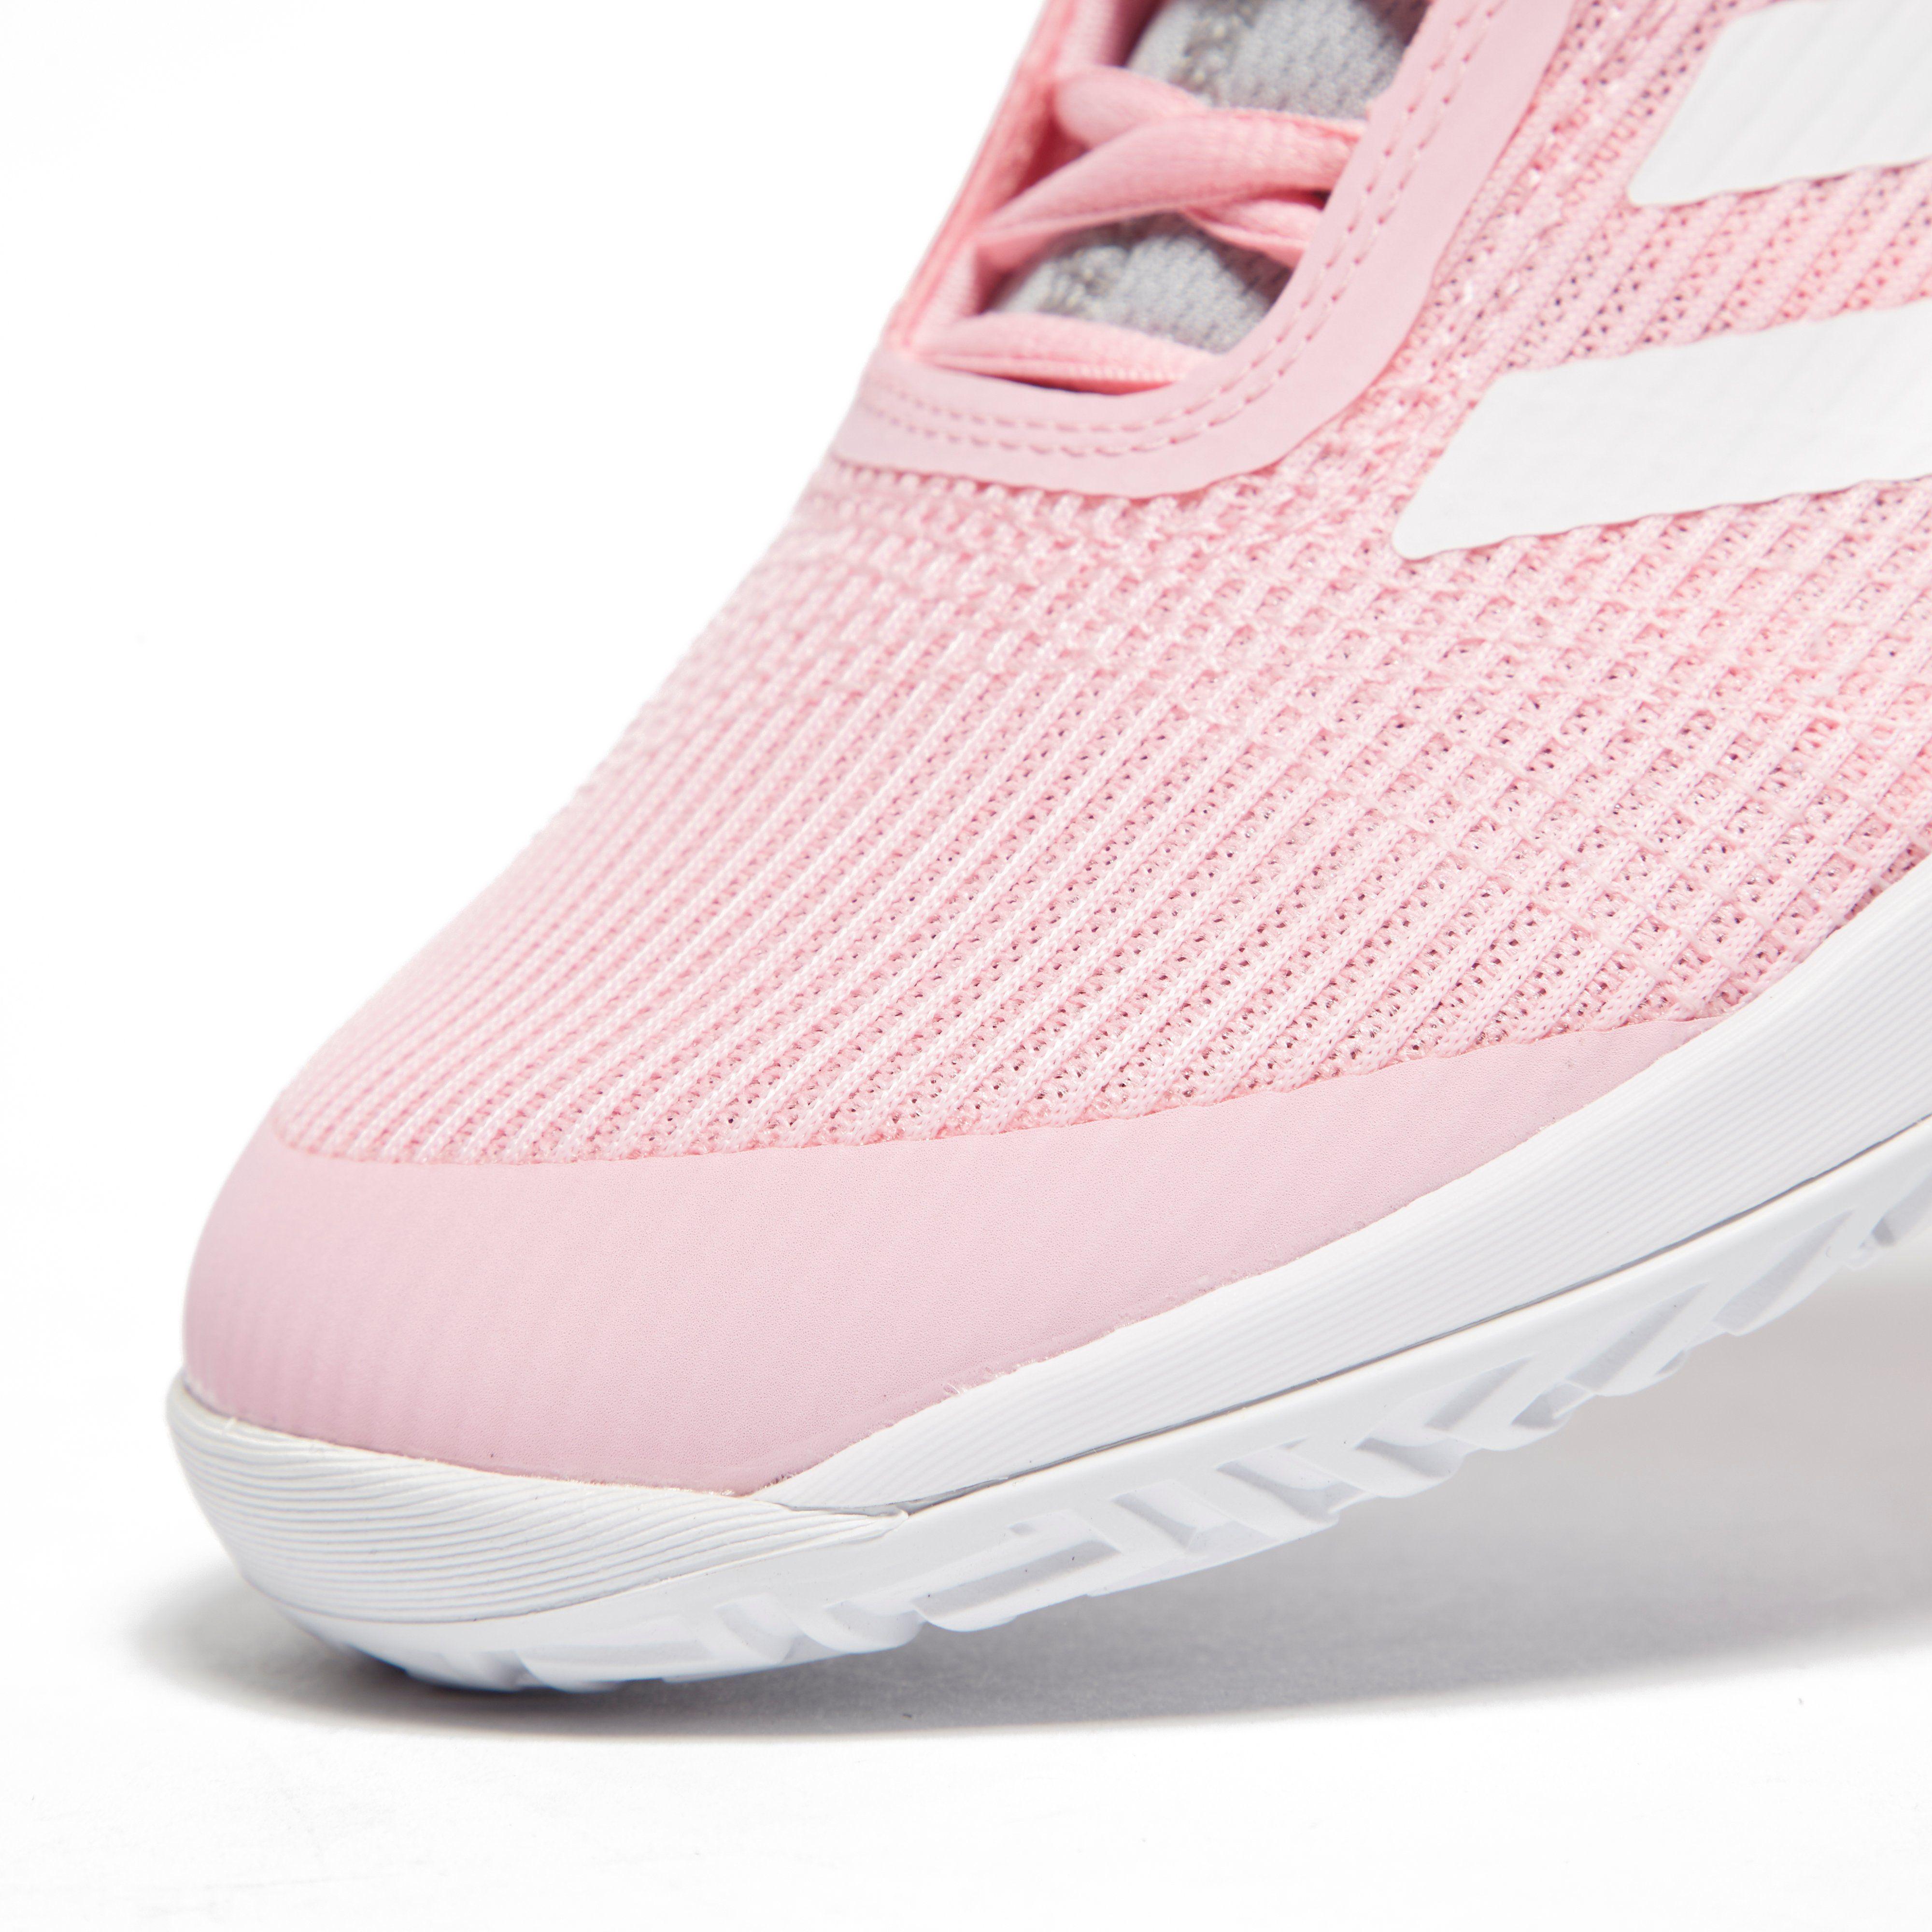 adidas Adizero Club Women's Tennis Shoes